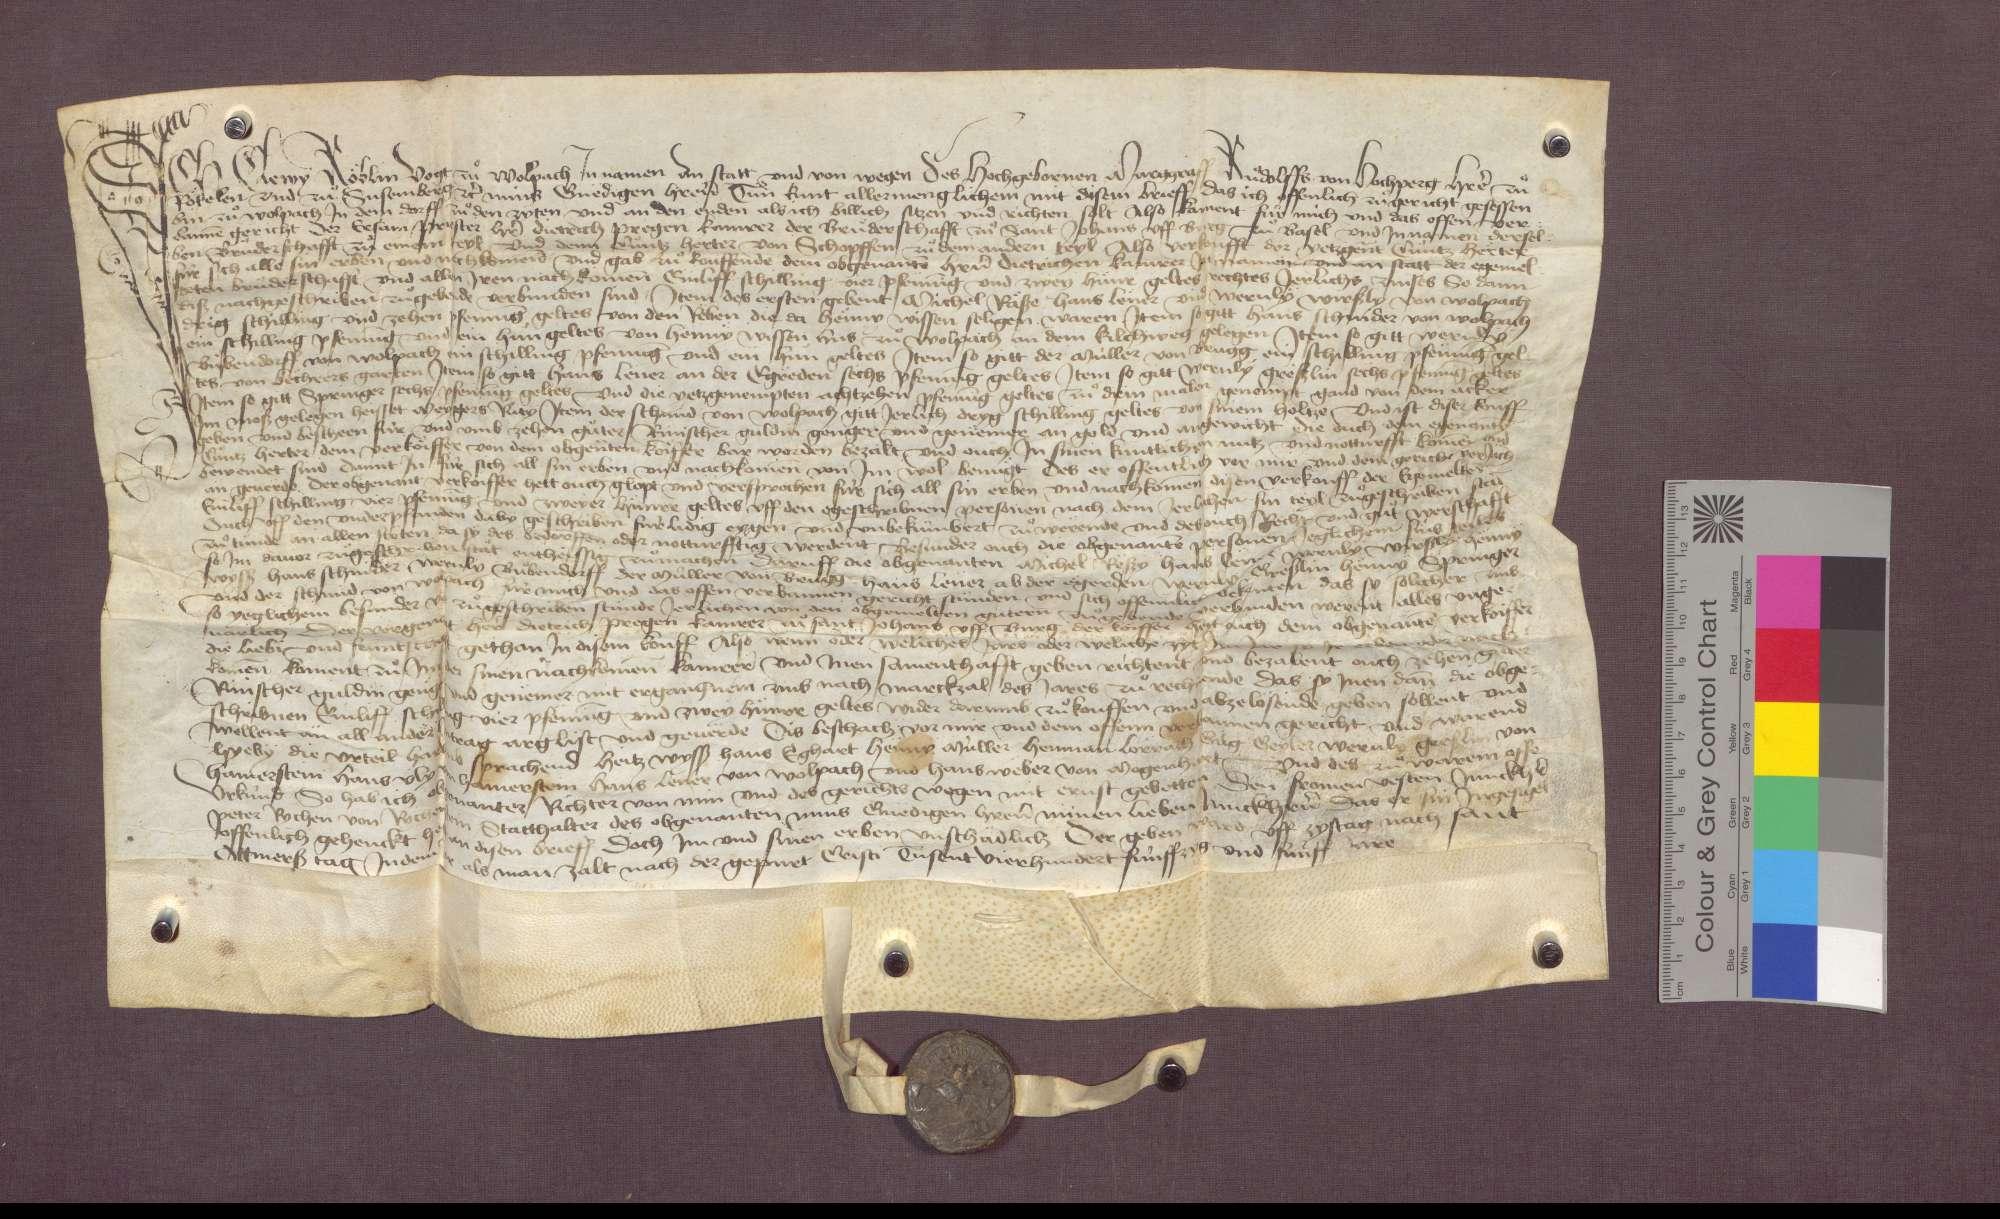 Kunz Herter von Schopfheim verkauft der St. Johannes-Bruderschaft auf Burg zu Basel Gülten zu Wollbach., Bild 1